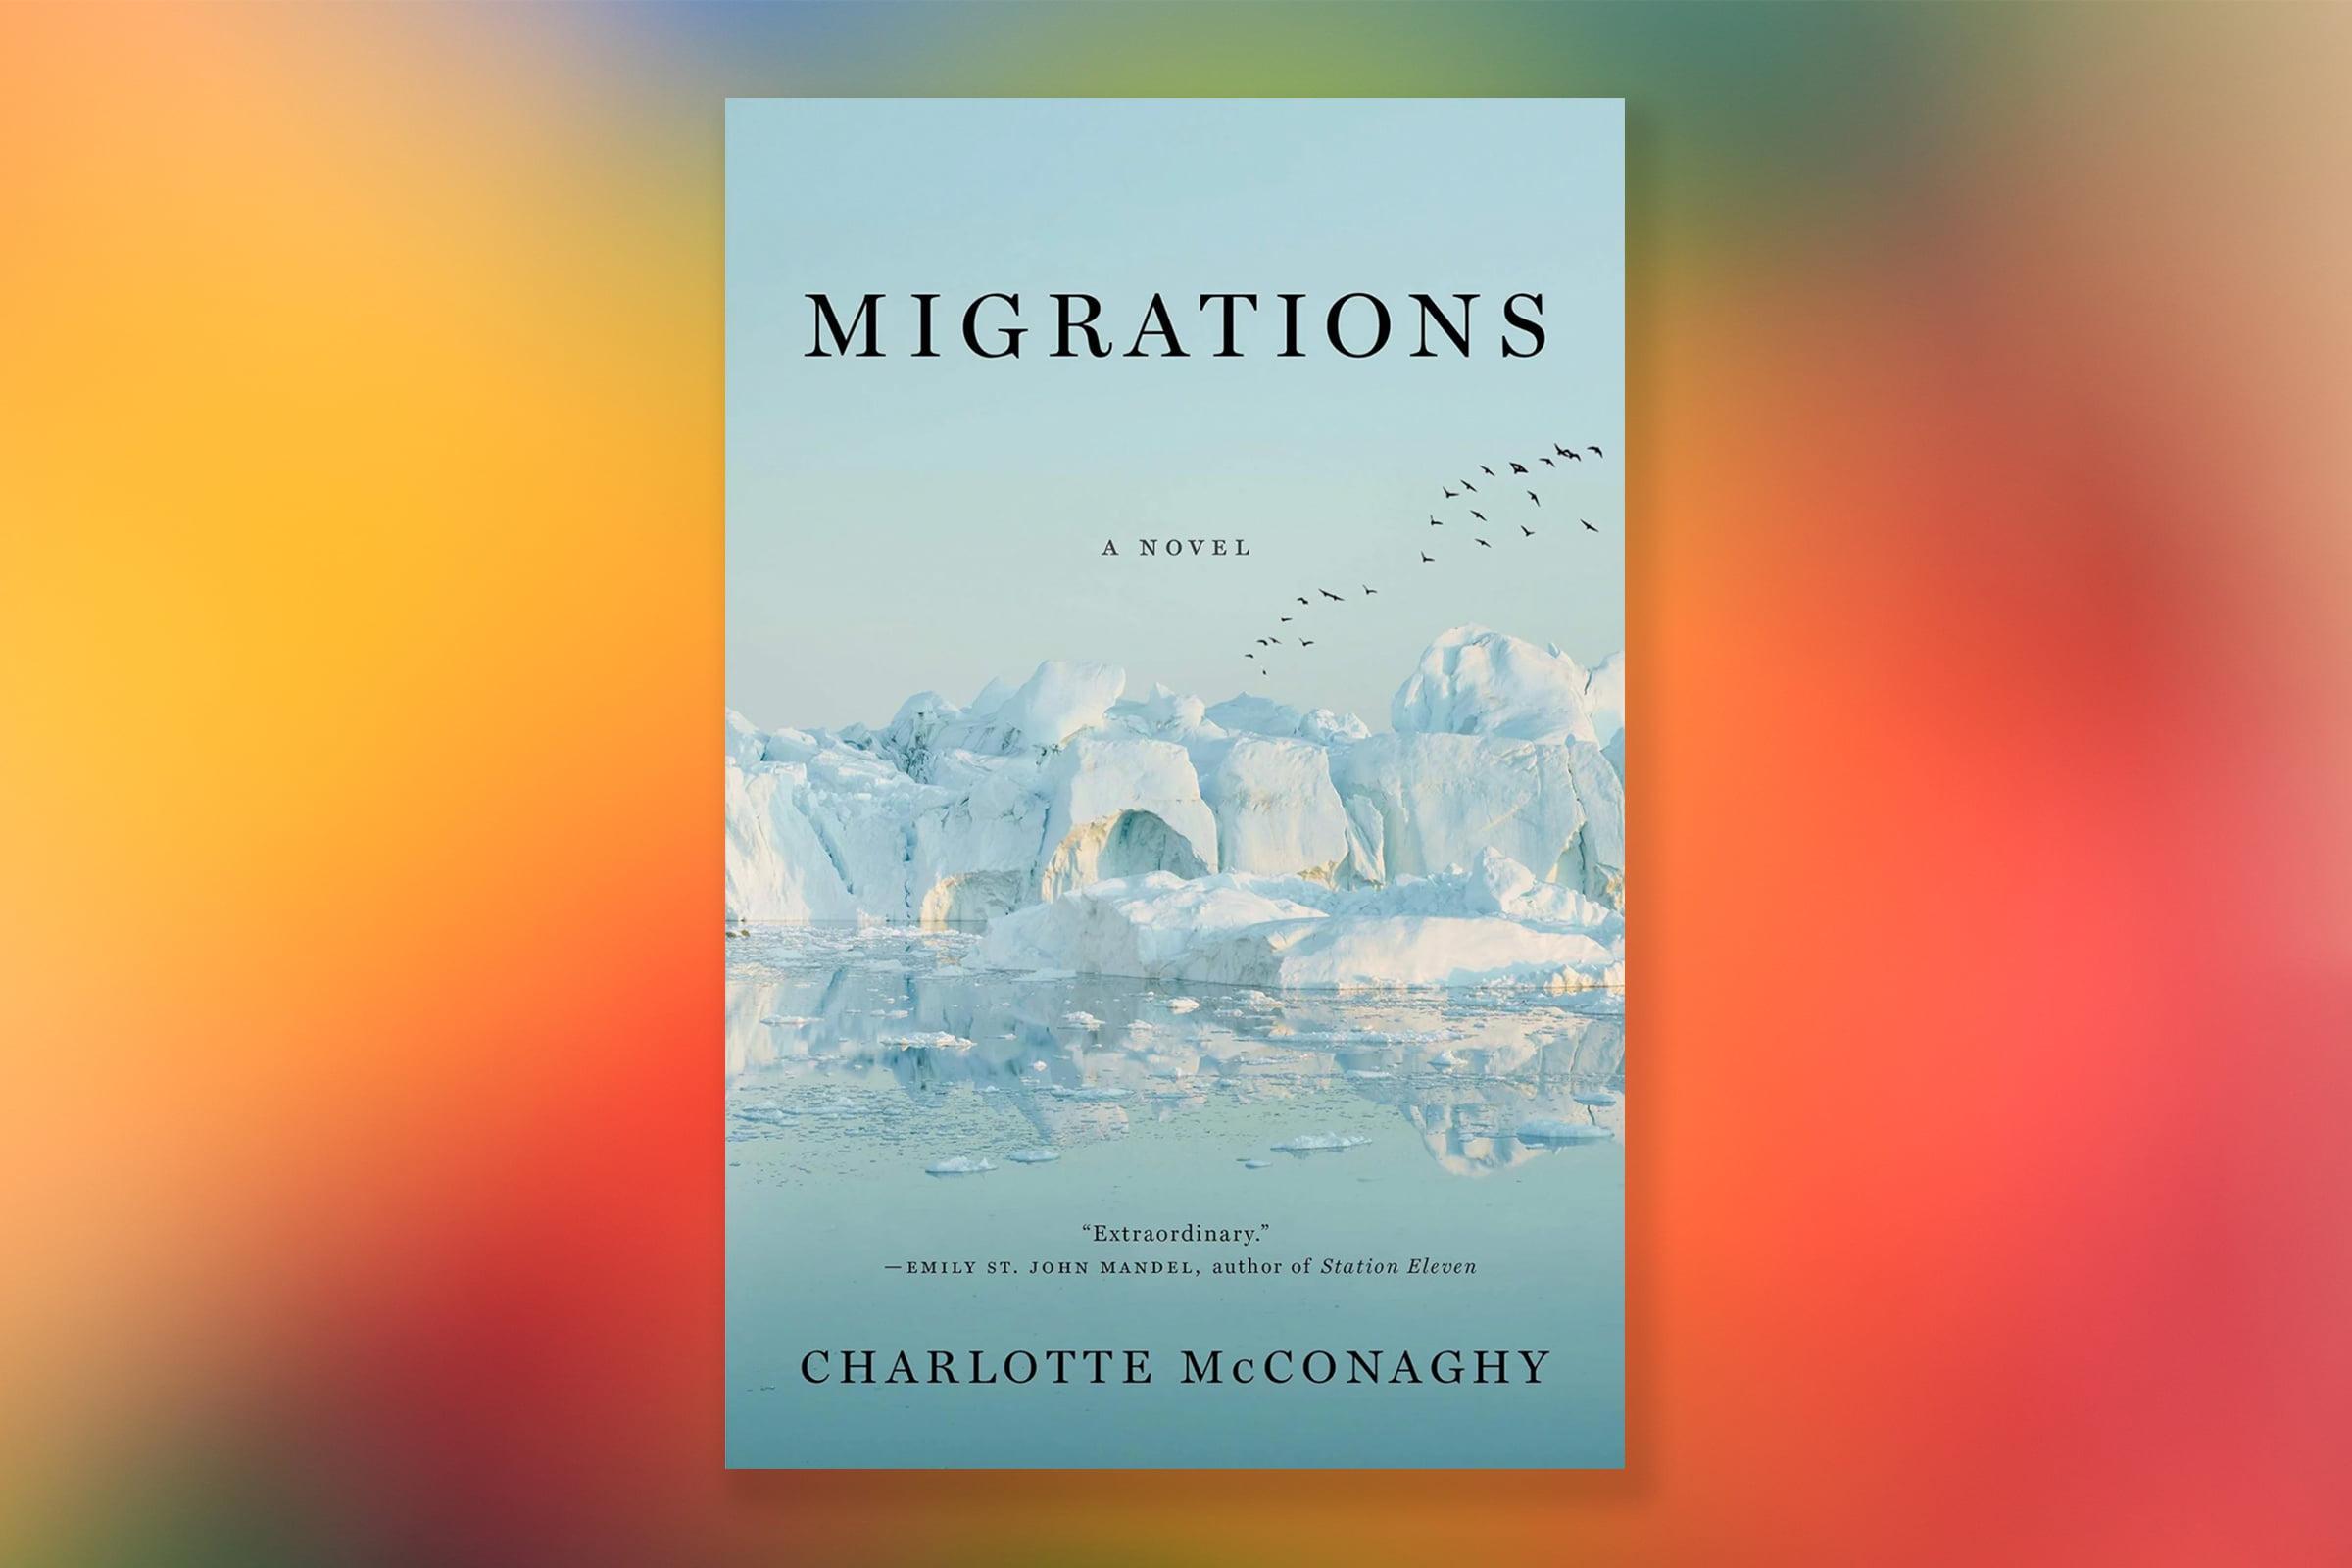 کتاب کوچ از شارلوت مک کانگی ( Migrations: A Novel ) - پر فروش ترین کتاب های ۲۰۲۰